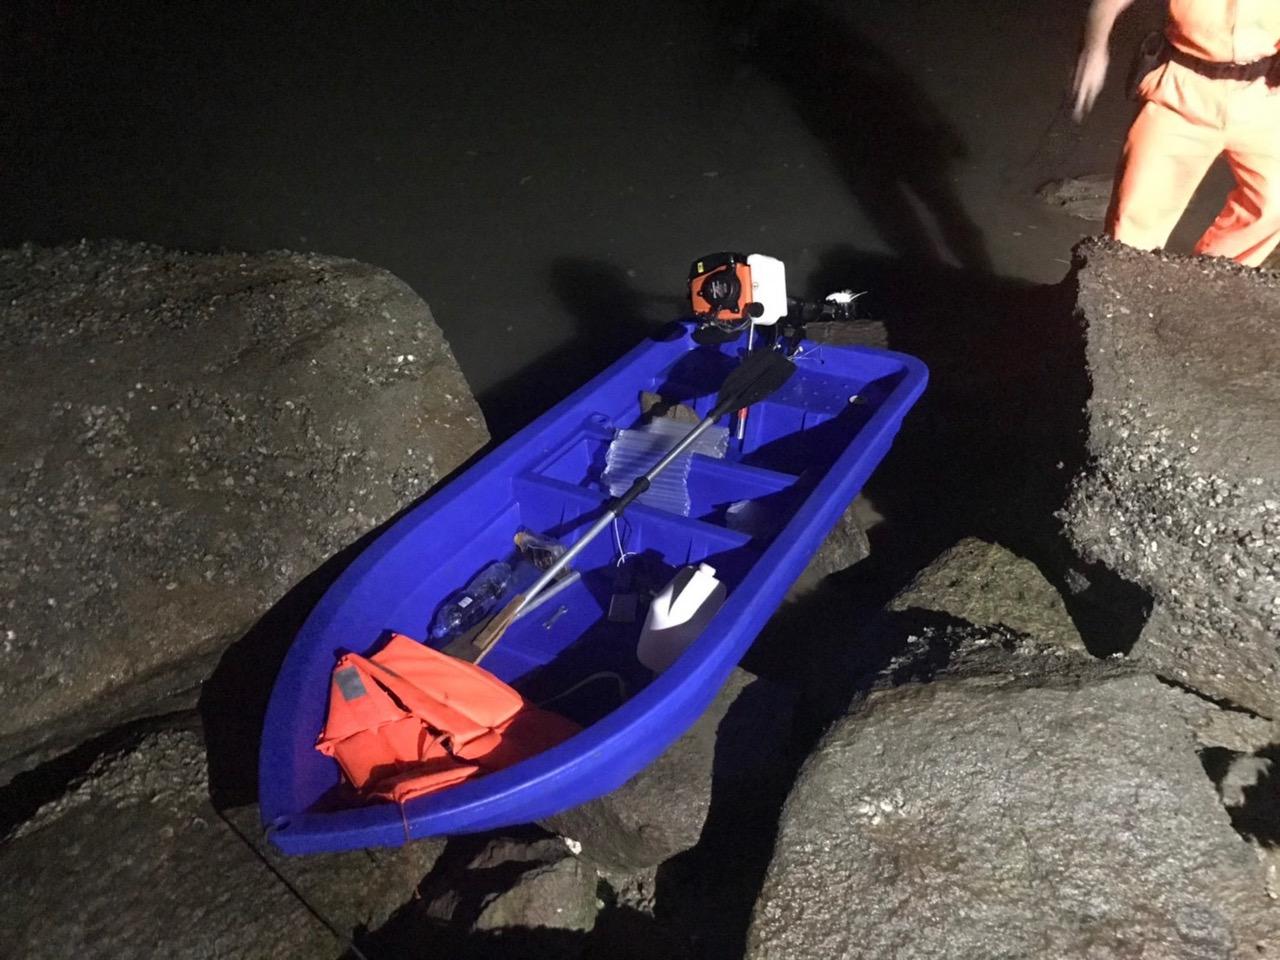 广西陆姓男子称从福建泉州趁夜驾驶这艘塑胶艇花了5小时,抵达金门偷渡上岸。(金马澎分署第九岸巡队提供)